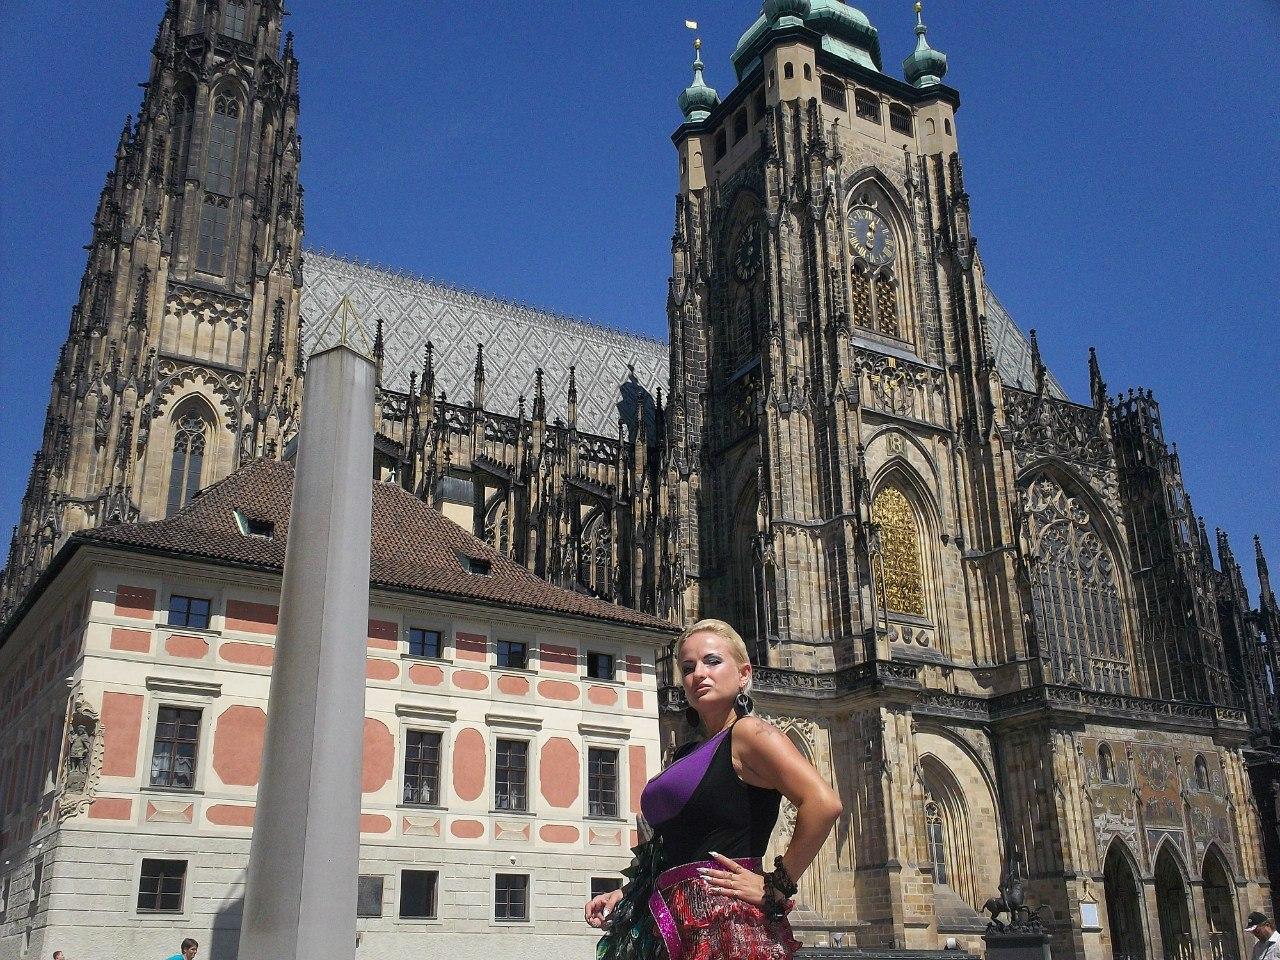 Елена Руденко ( Valteya ) . Чехия. Прага. Лето 2012. PFn7Fm2L9qk